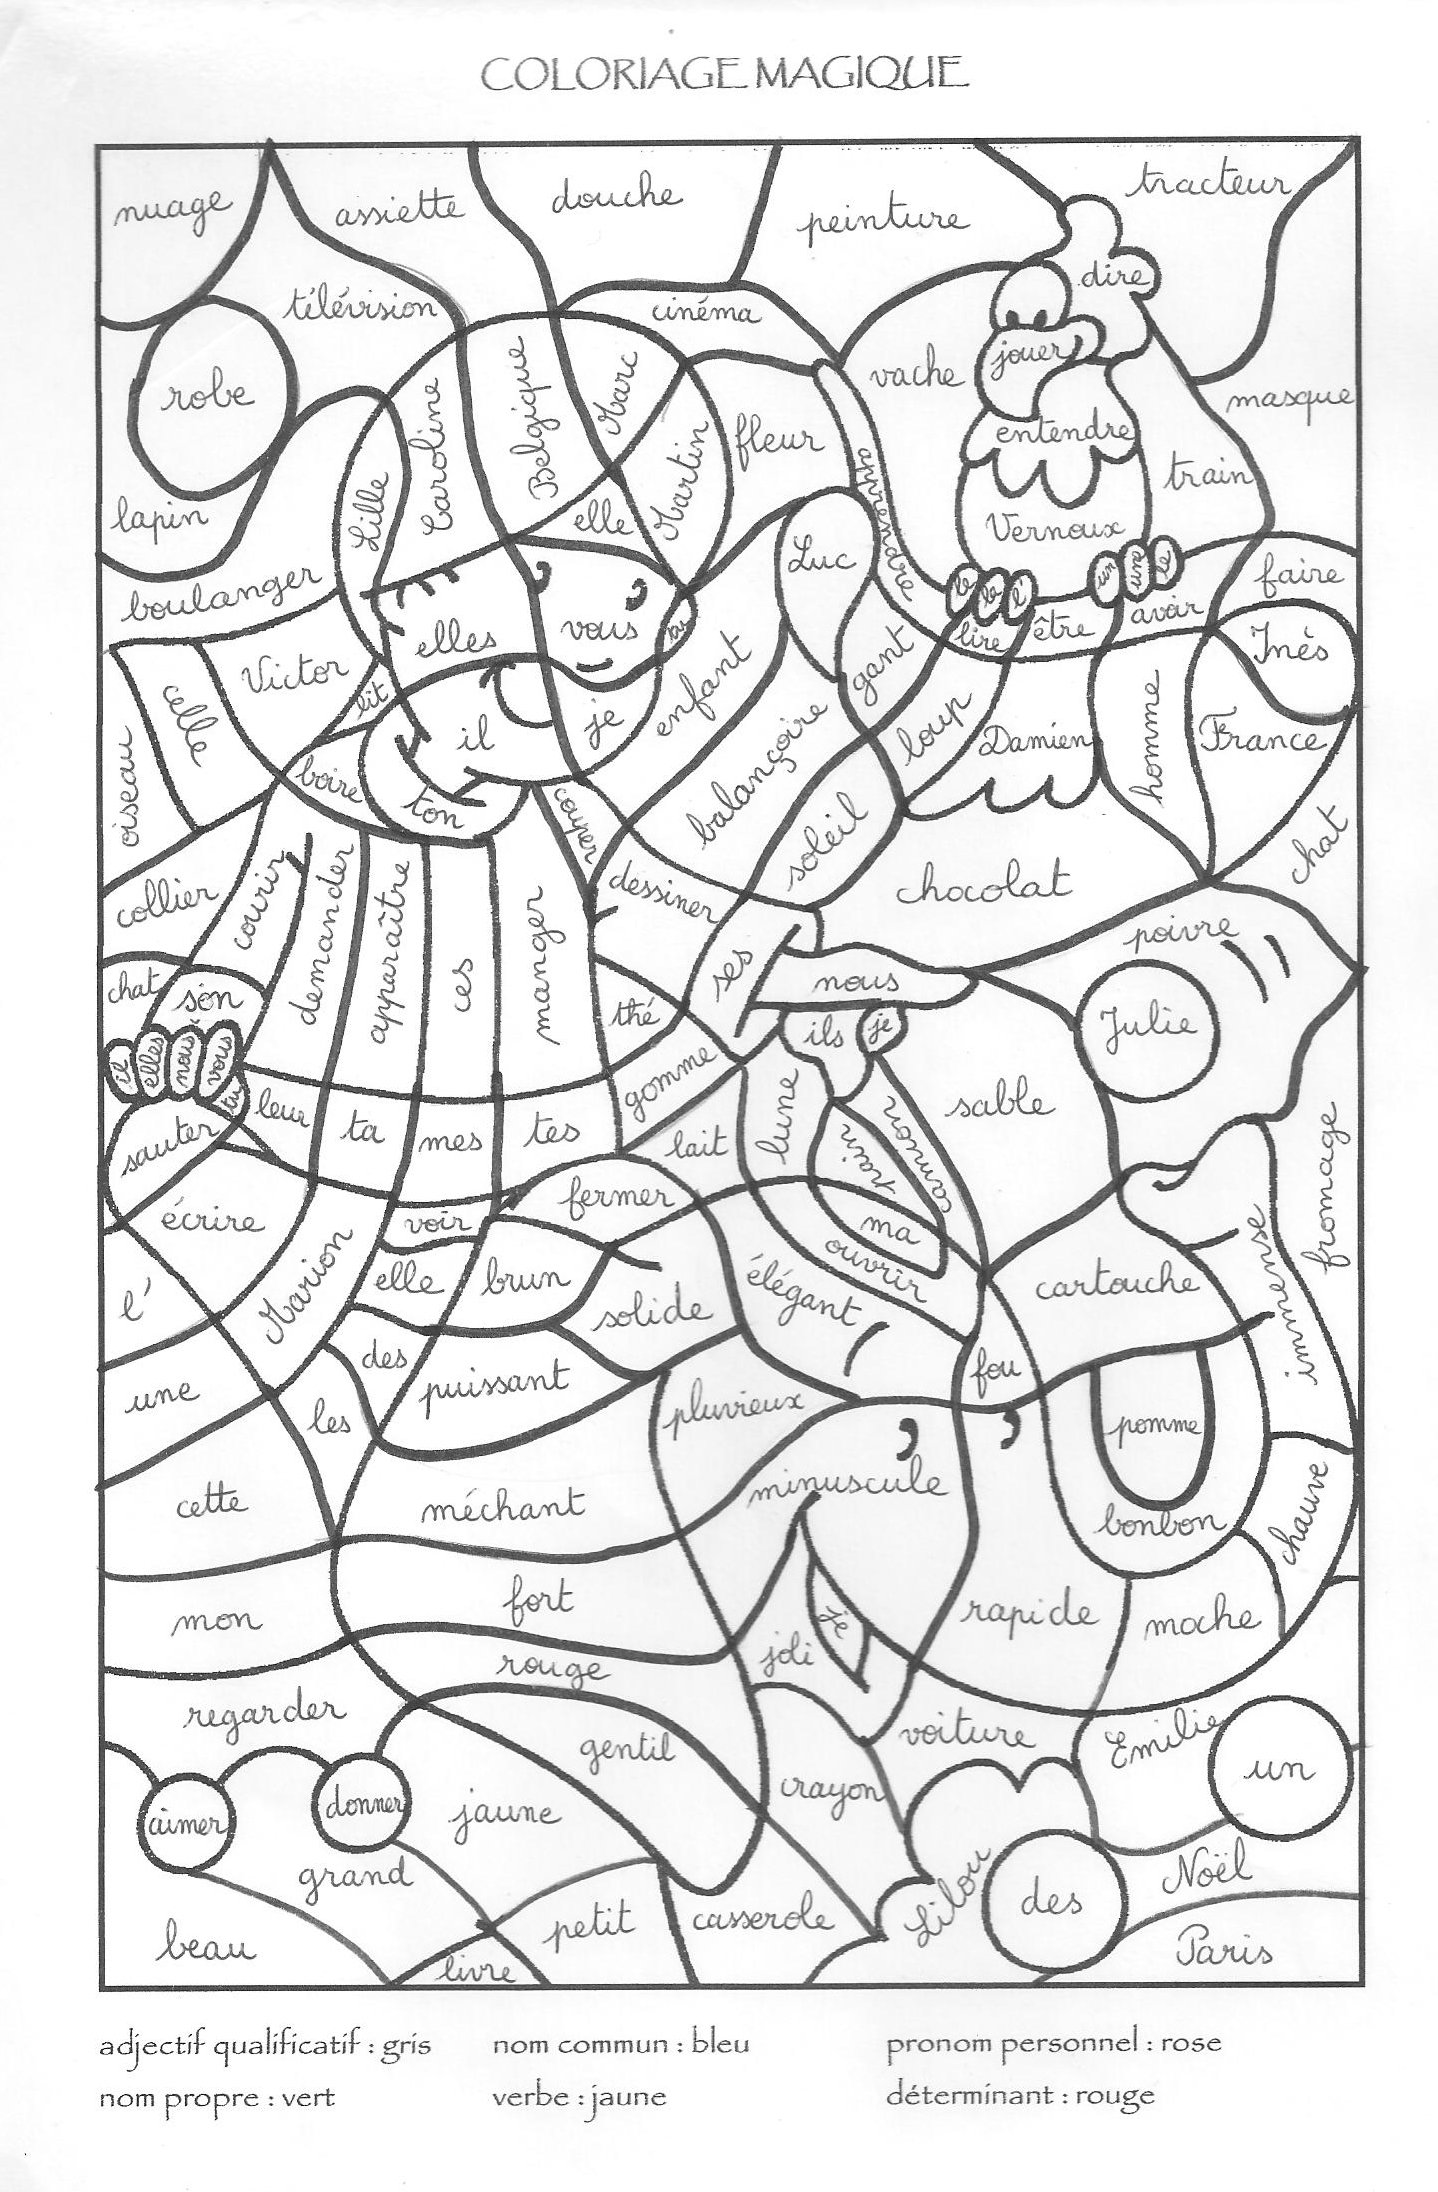 30 dessins de coloriage magique pokemon imprimer - Coloriage magique sur les sons ...